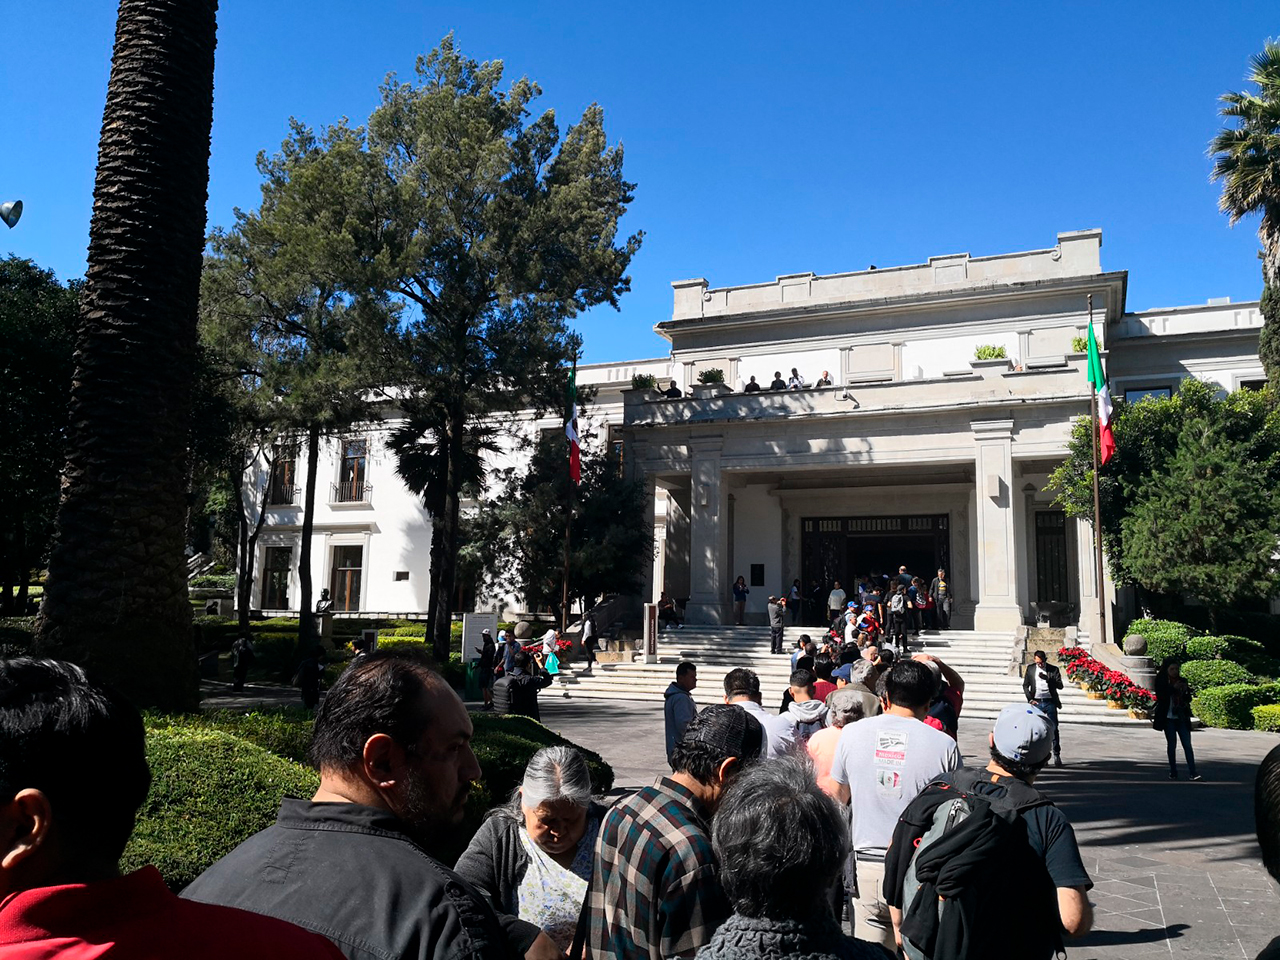 SAE recauda 28.5 mdp en subasta de vehículos en Los Pinos